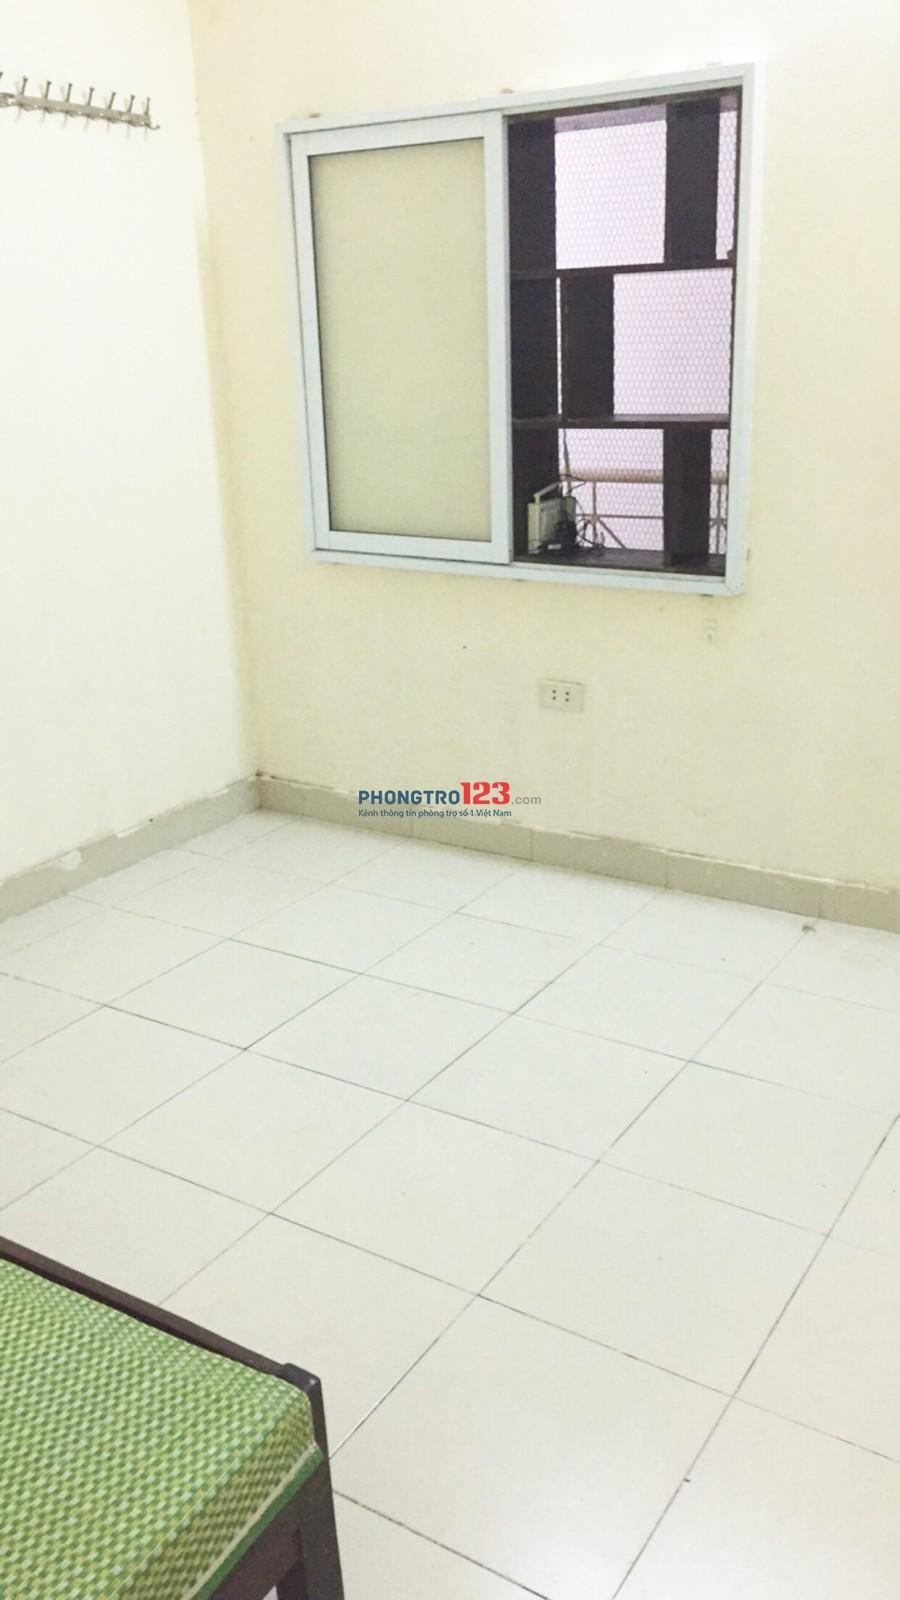 Phòng trọ cho thuê khu vực 4 Khương Trung, Phường Khương Trung, Quận Thanh Xuân ngay Ngã Tư Sở